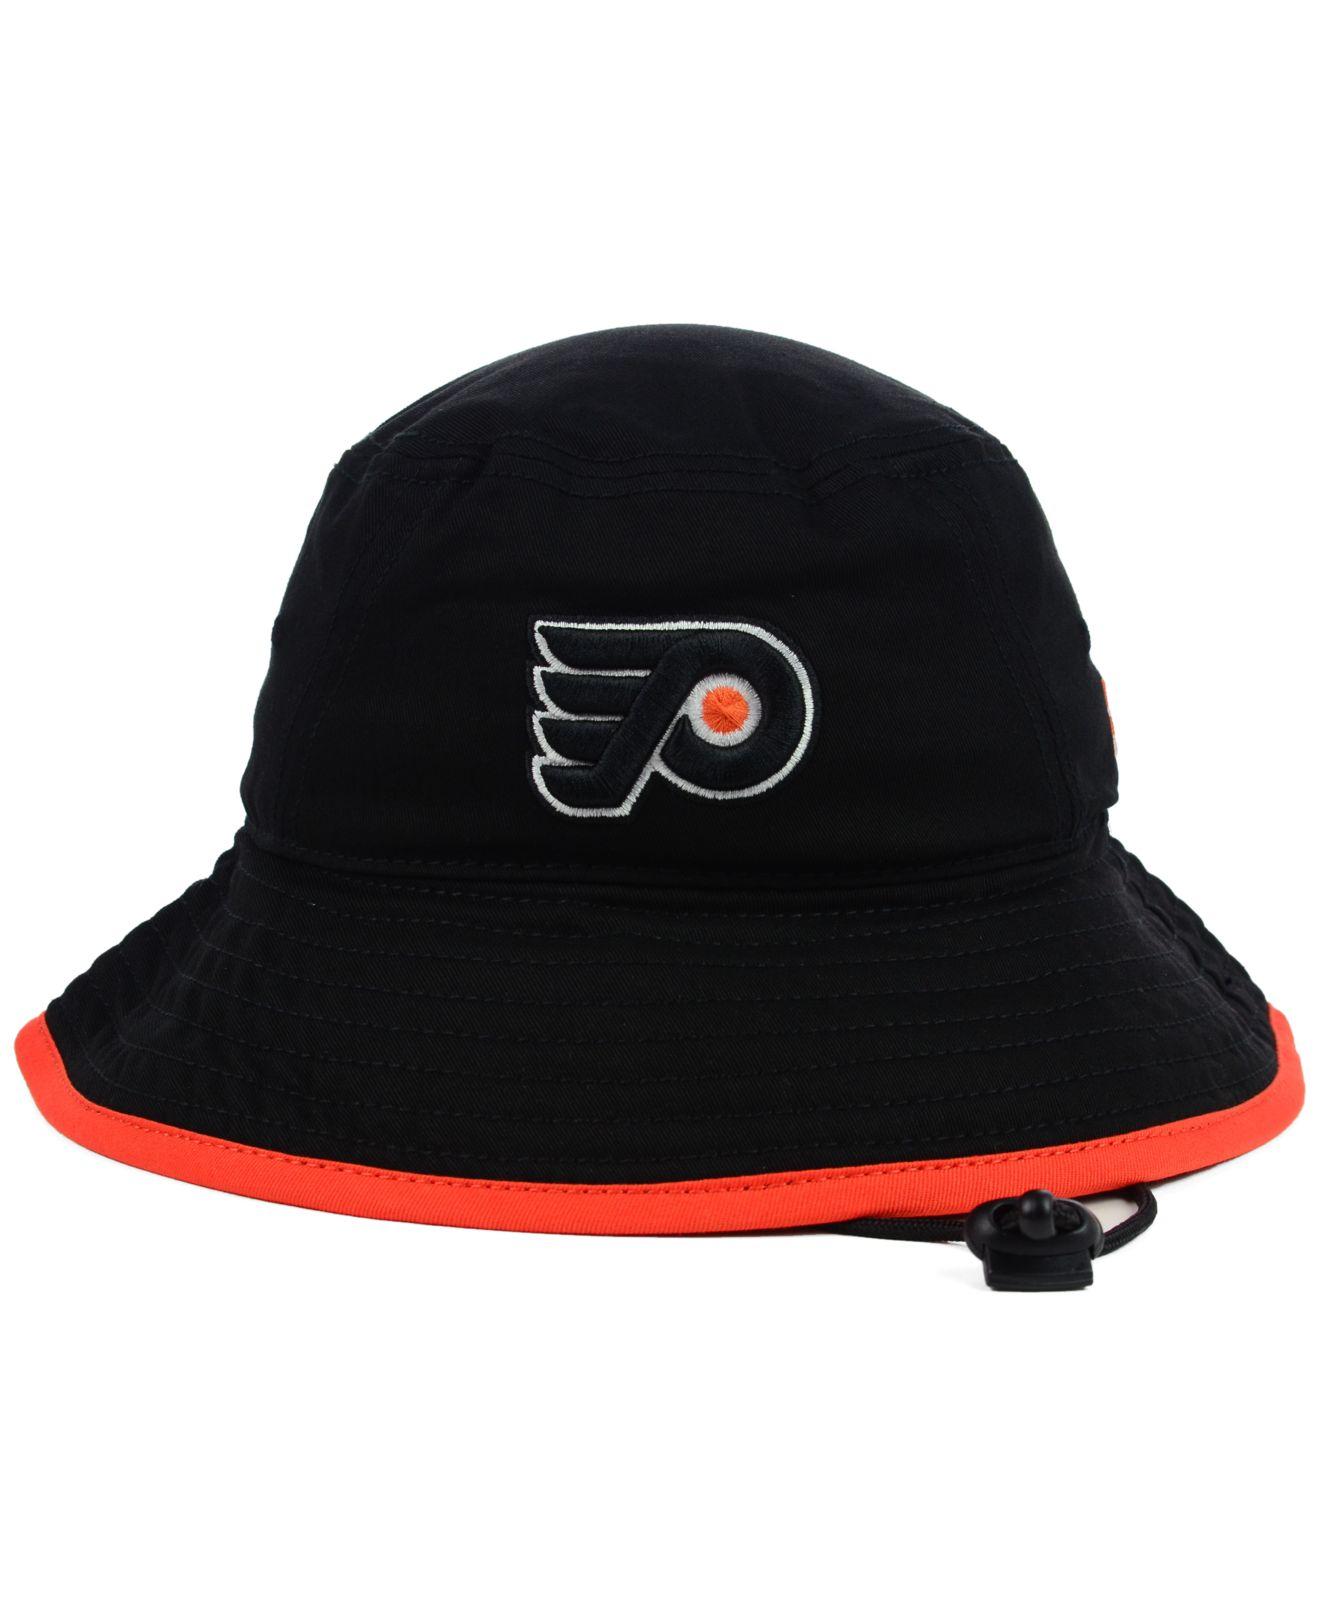 d23d626facb Lyst - KTZ Philadelphia Flyers Basic Tipped Bucket Hat in Black for Men